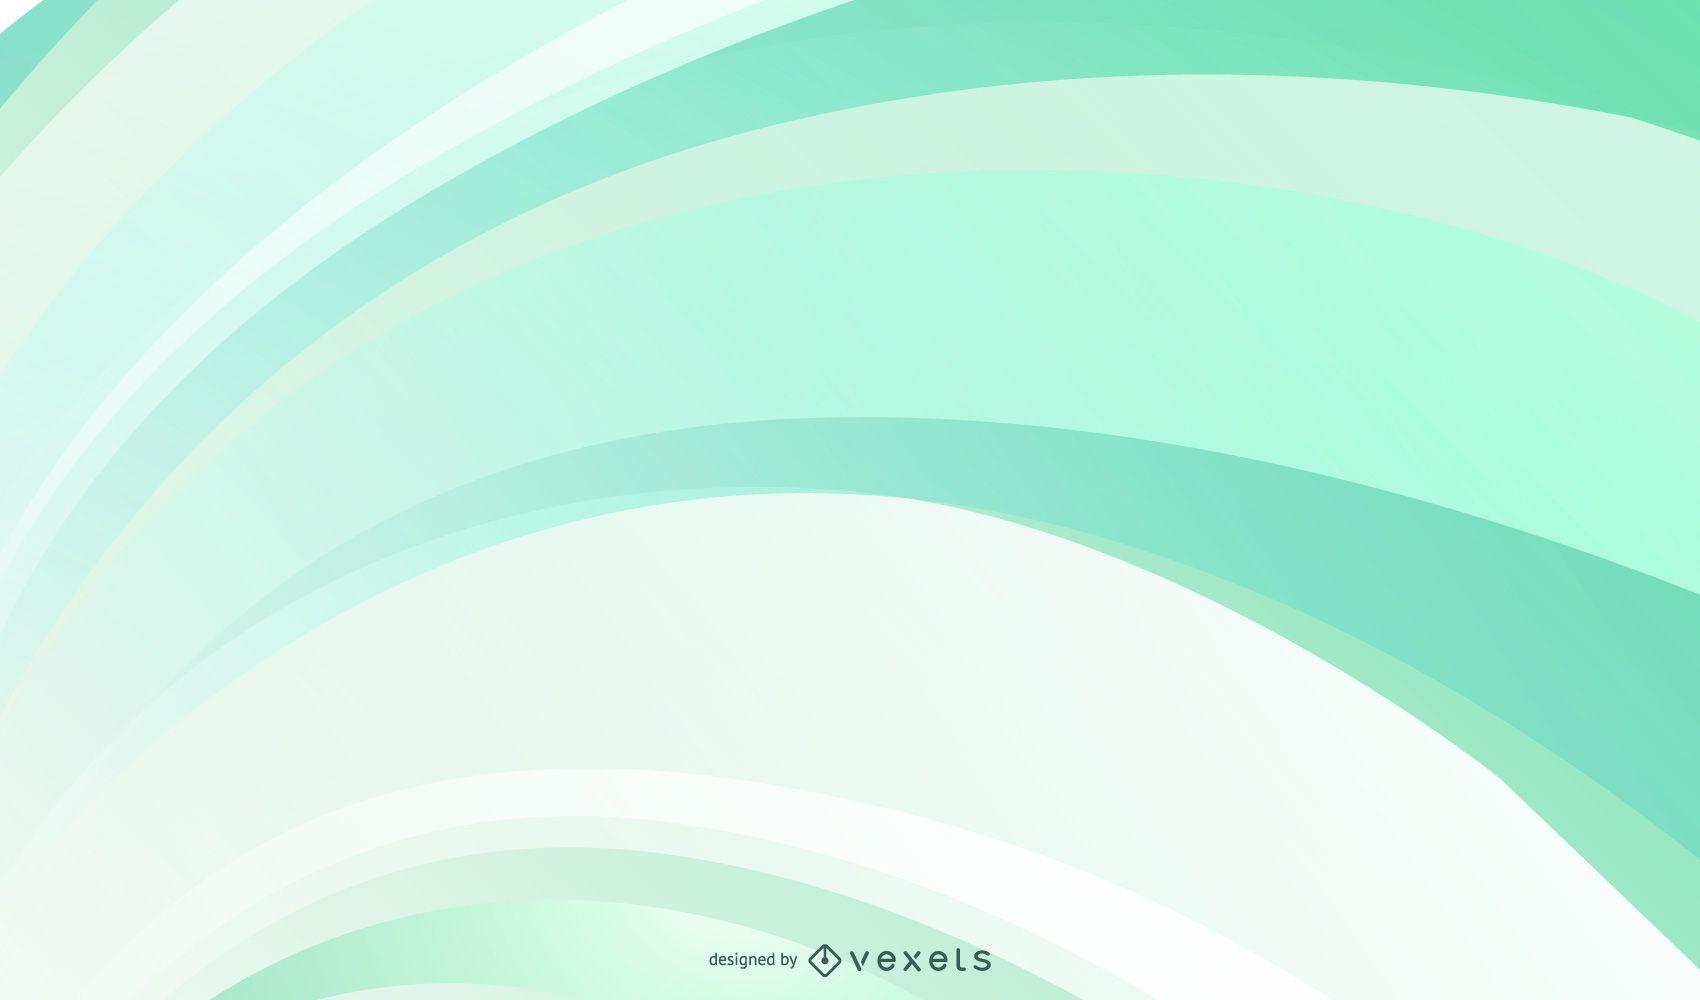 Fundo verde com curvas suaves